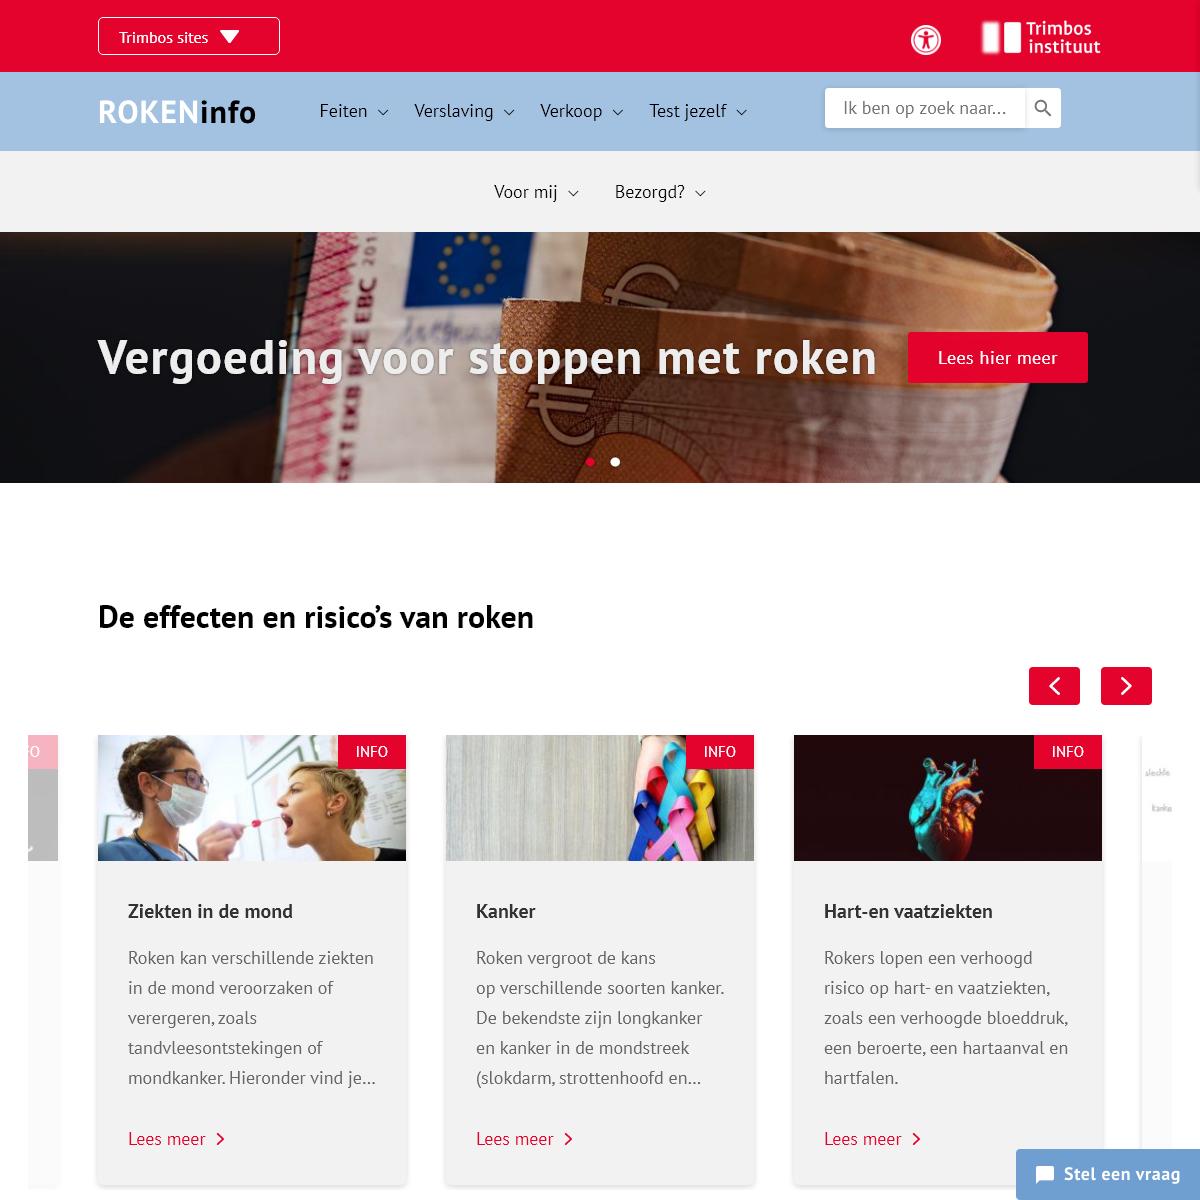 Homepage - Info over roken - Efecten - Risico`s en feiten - ROKENinfo.nl